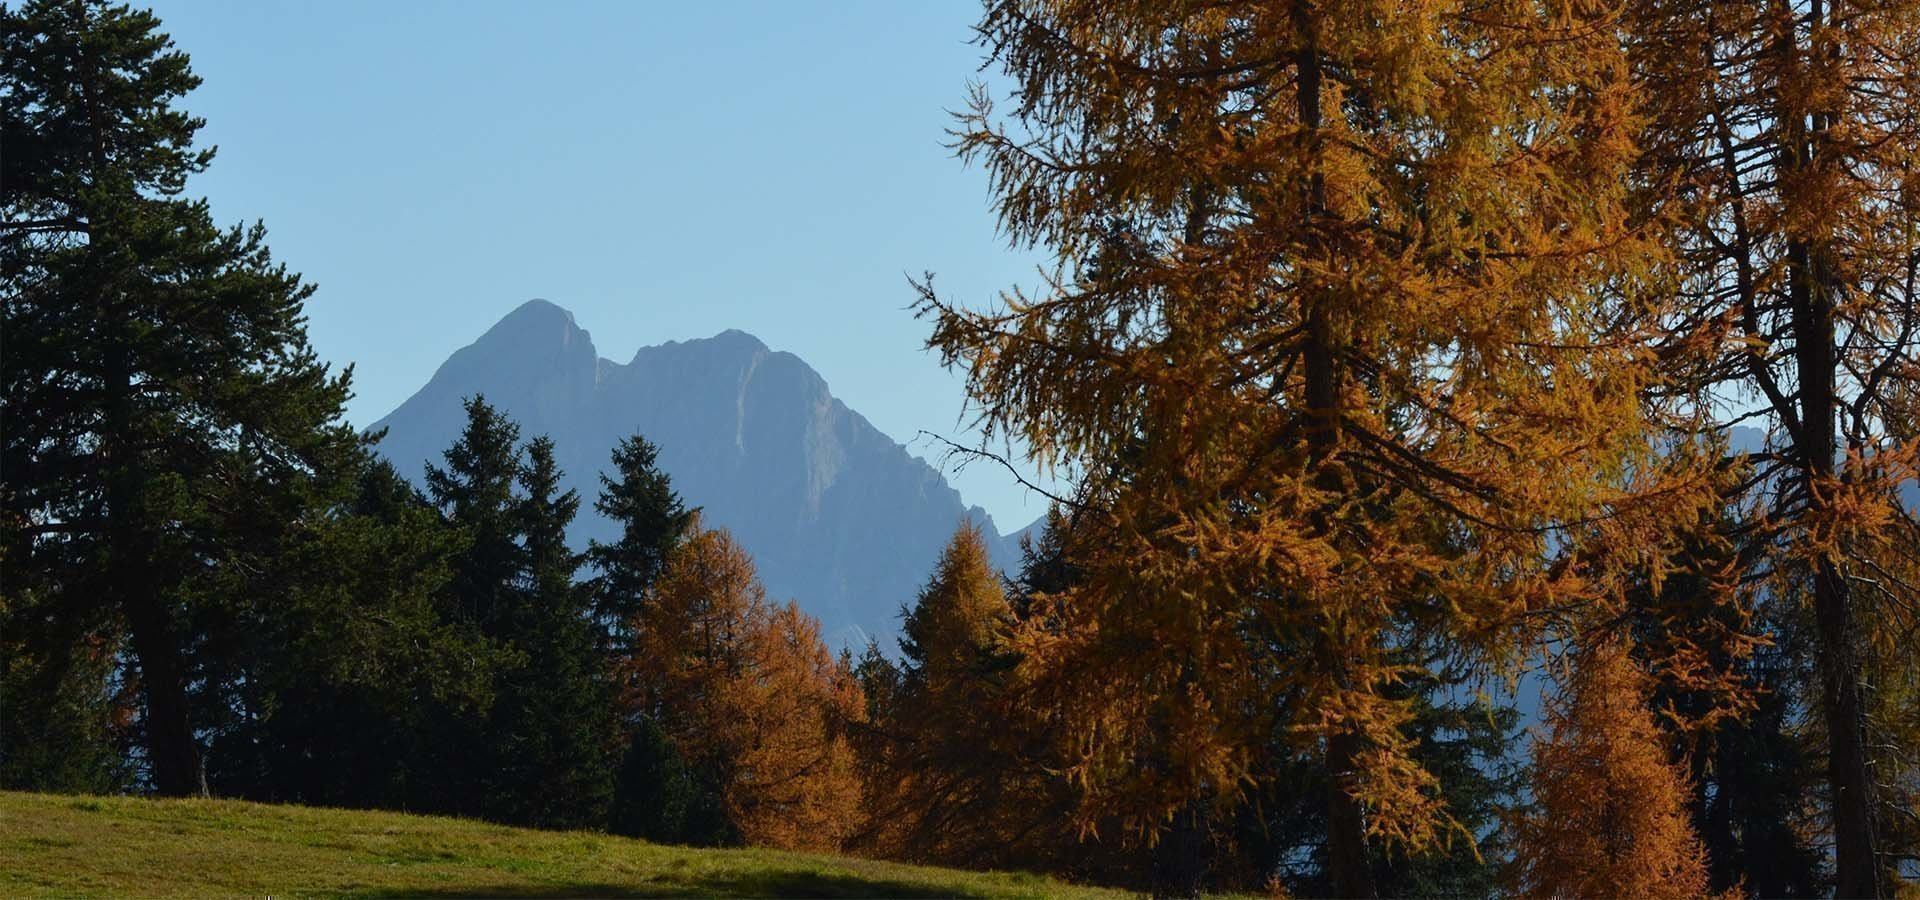 Urlaub in Südtirol - Auf der Rodenecker Alm